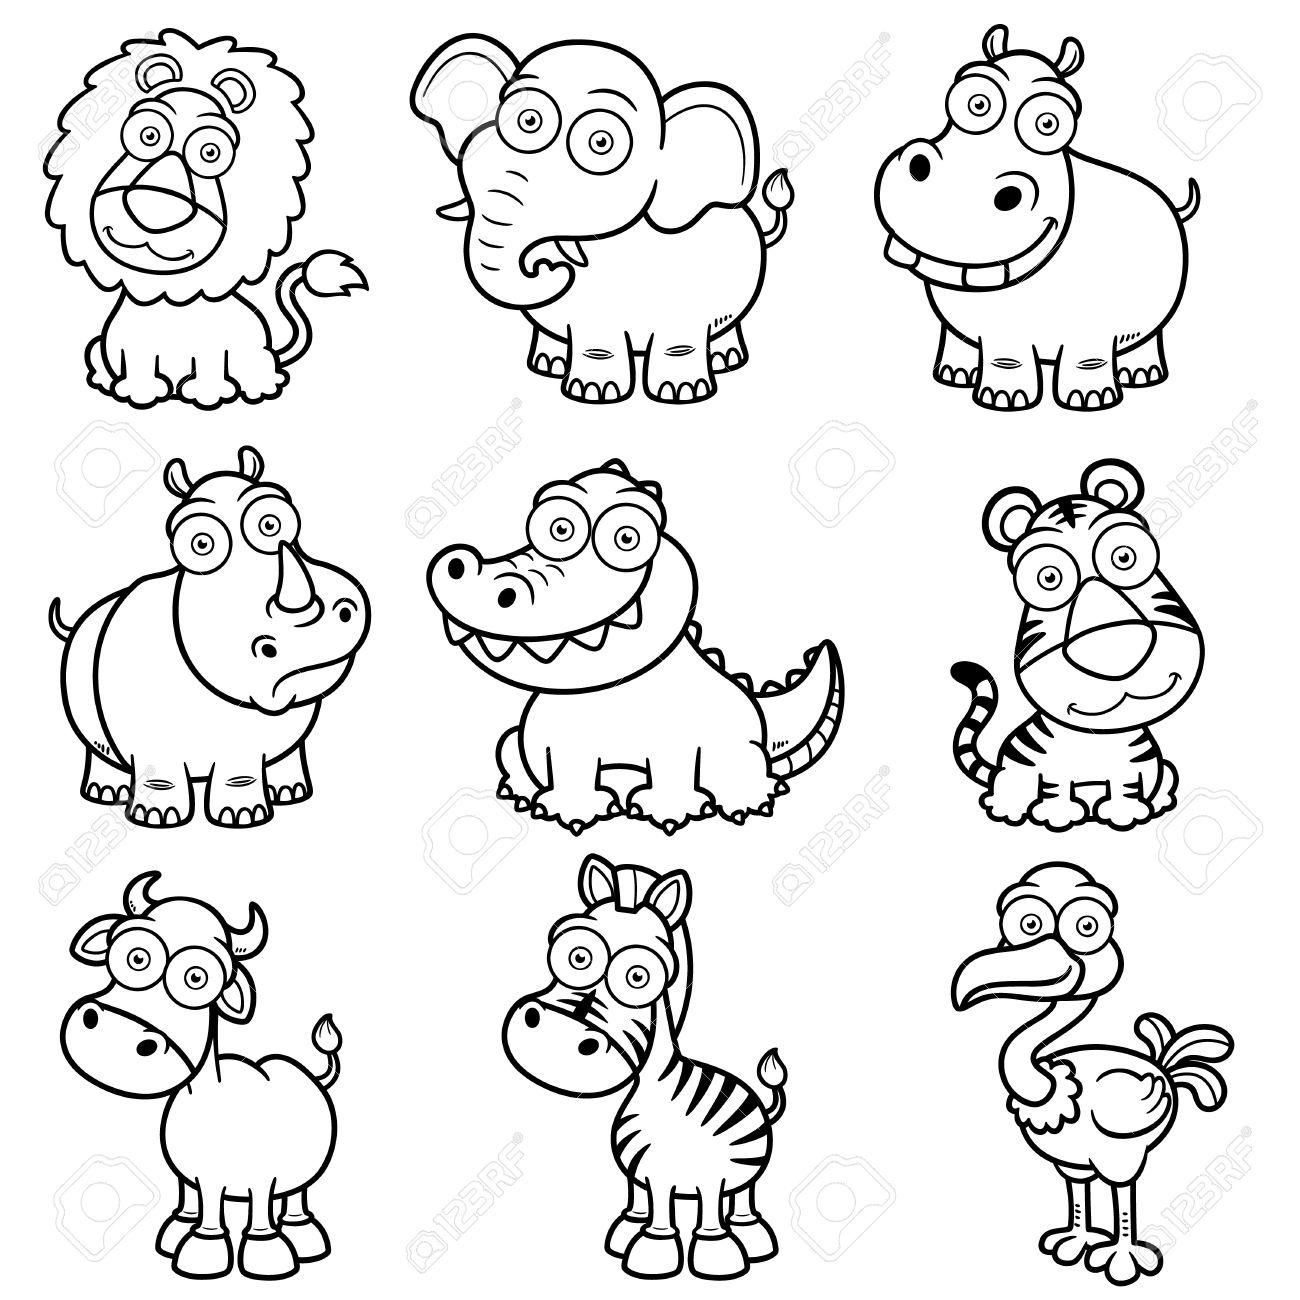 Ilustracion Vectorial De Los Animales Salvajes Caricaturas Libro